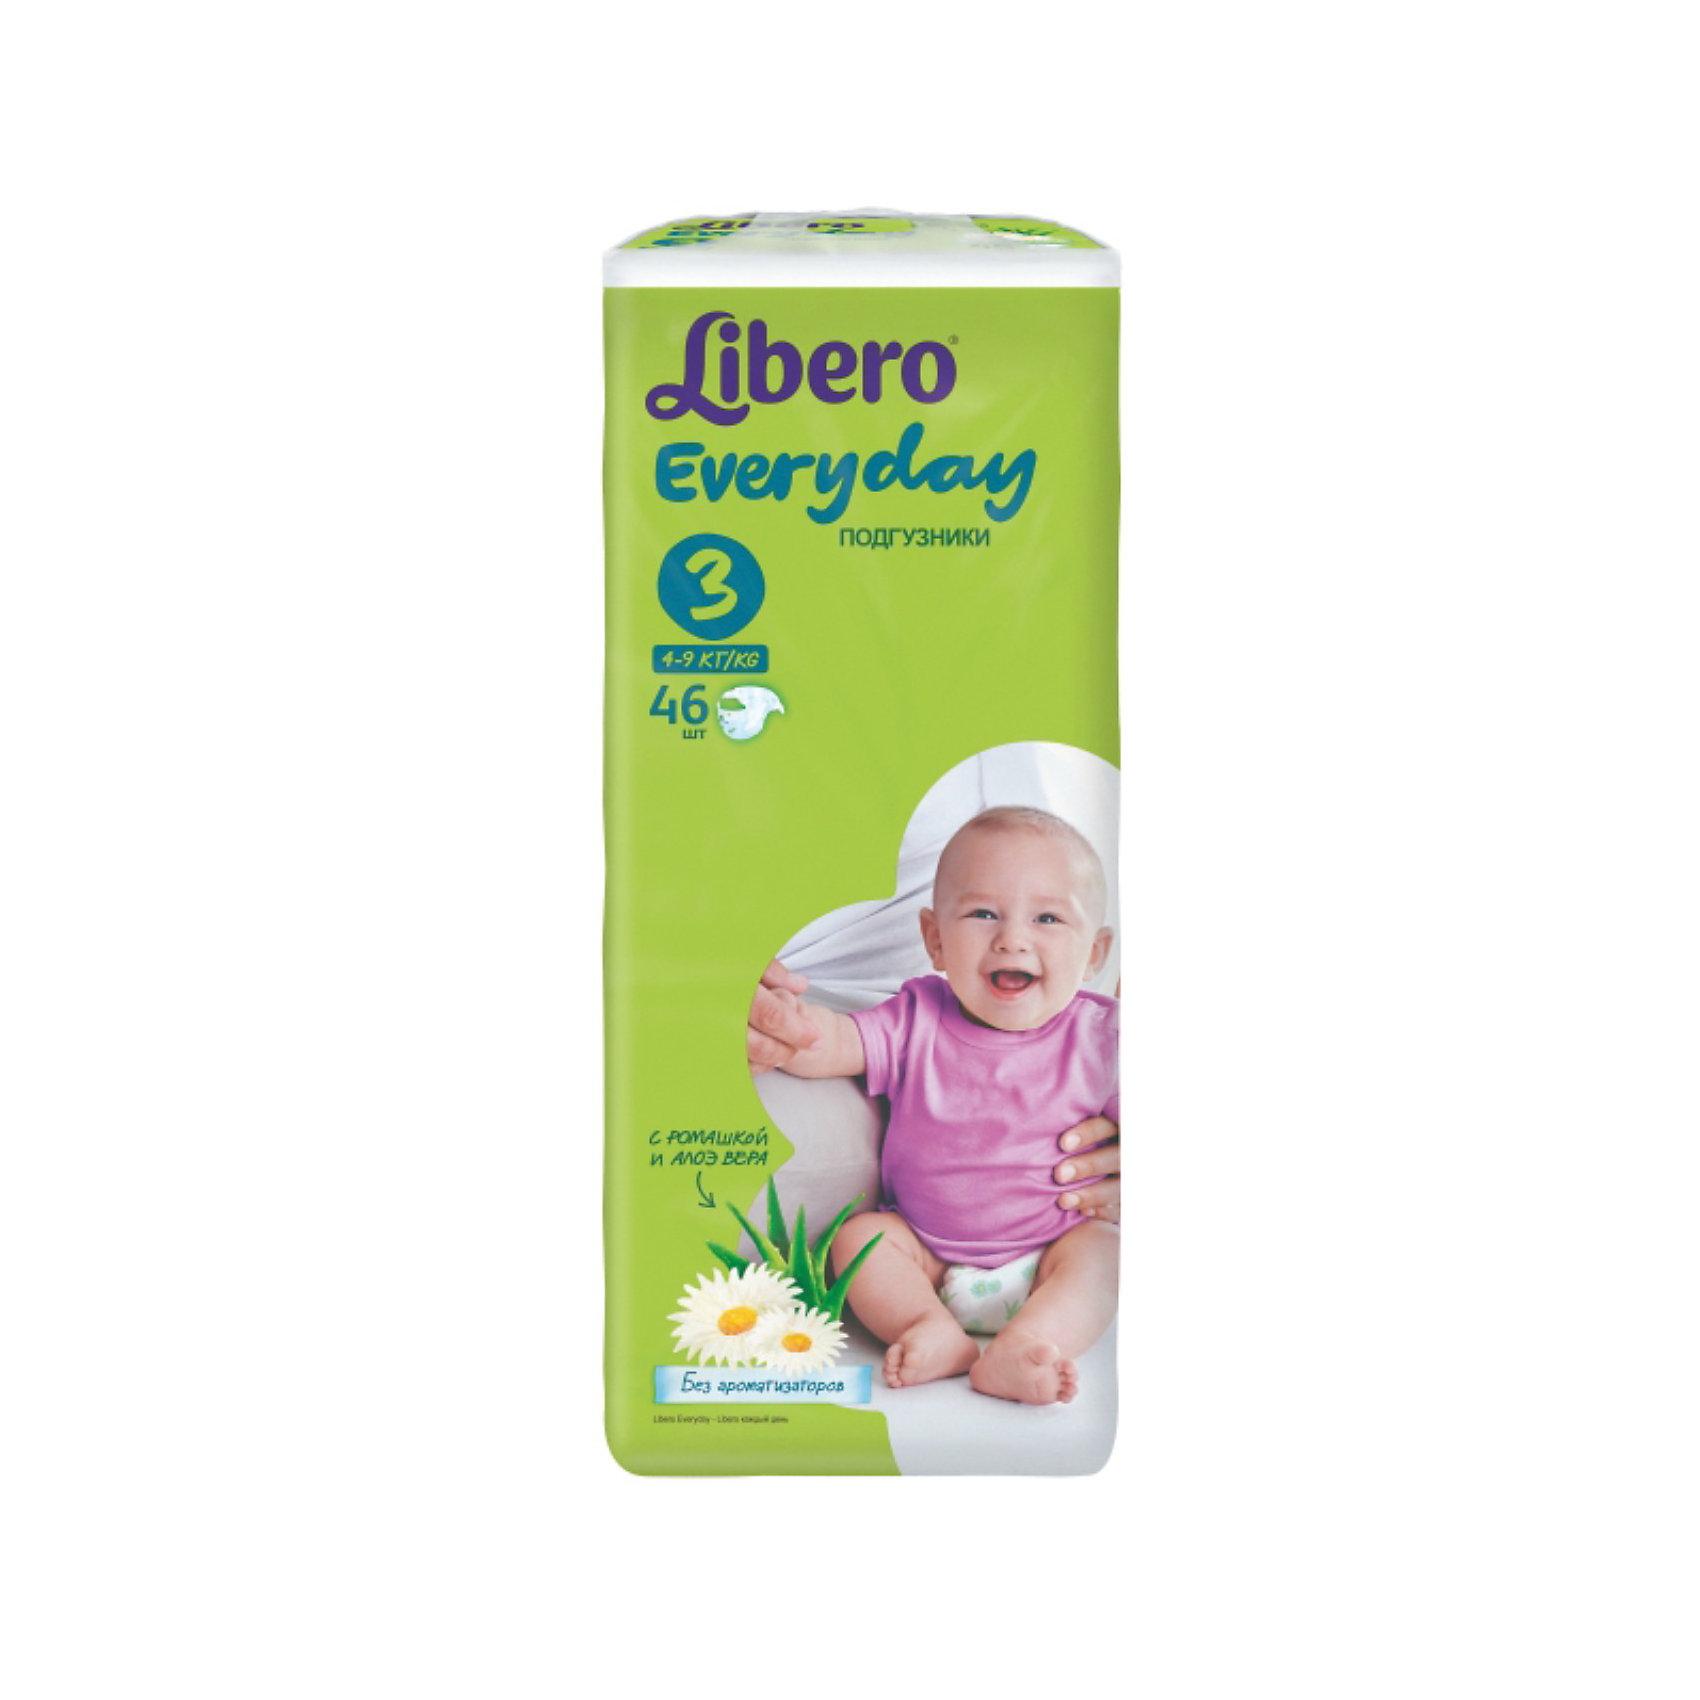 Подгузники Libero Everyday, Midi 4-9 кг (3), 46 шт., EconomПодгузники 5-12 кг.<br>Подгузники Libero Everyday (Либеро Эвридэй) Size 3 (4-9кг), 46 шт.<br><br>Характеристики:<br><br>• быстро впитывают влагу и удерживают ее<br>• нетканый дышащий материал<br>• эластичная резиночка не сковывает движения ребенка<br>• мягкий барьер вокруг ног защитит от протеканий<br>• приятный рисунок<br>• многоразовые застежки<br>• размер: 3 (от 4 до 9 кг)<br>• количество в упаковке: 46 шт.<br><br>Подгузники Libero Everyday подарят сухость и комфорт вашему малышу. Подгузники плотно прилегают к телу и не сковывают движения крохи, благодаря эластичному поясу. Нетканый материал подгузника имеет отверстия для циркуляции воздуха, позволяющие коже дышать. Внутренний слой быстро впитывает влагу, равномерно распределяет и удерживает ее внутри. <br>Ромашка и алоэ бережно позаботятся о коже малыша и не допустят воспаления и раздражения. Подарите крохе комфорт с подгузниками Libero Everyday!<br><br>Подгузники Libero Everyday (Либеро Эвридэй) Size 3 (4-9кг), 46 шт. можно купить в нашем интернет-магазине.<br><br>Ширина мм: 115<br>Глубина мм: 195<br>Высота мм: 405<br>Вес г: 1370<br>Возраст от месяцев: 0<br>Возраст до месяцев: 9<br>Пол: Унисекс<br>Возраст: Детский<br>SKU: 3517602